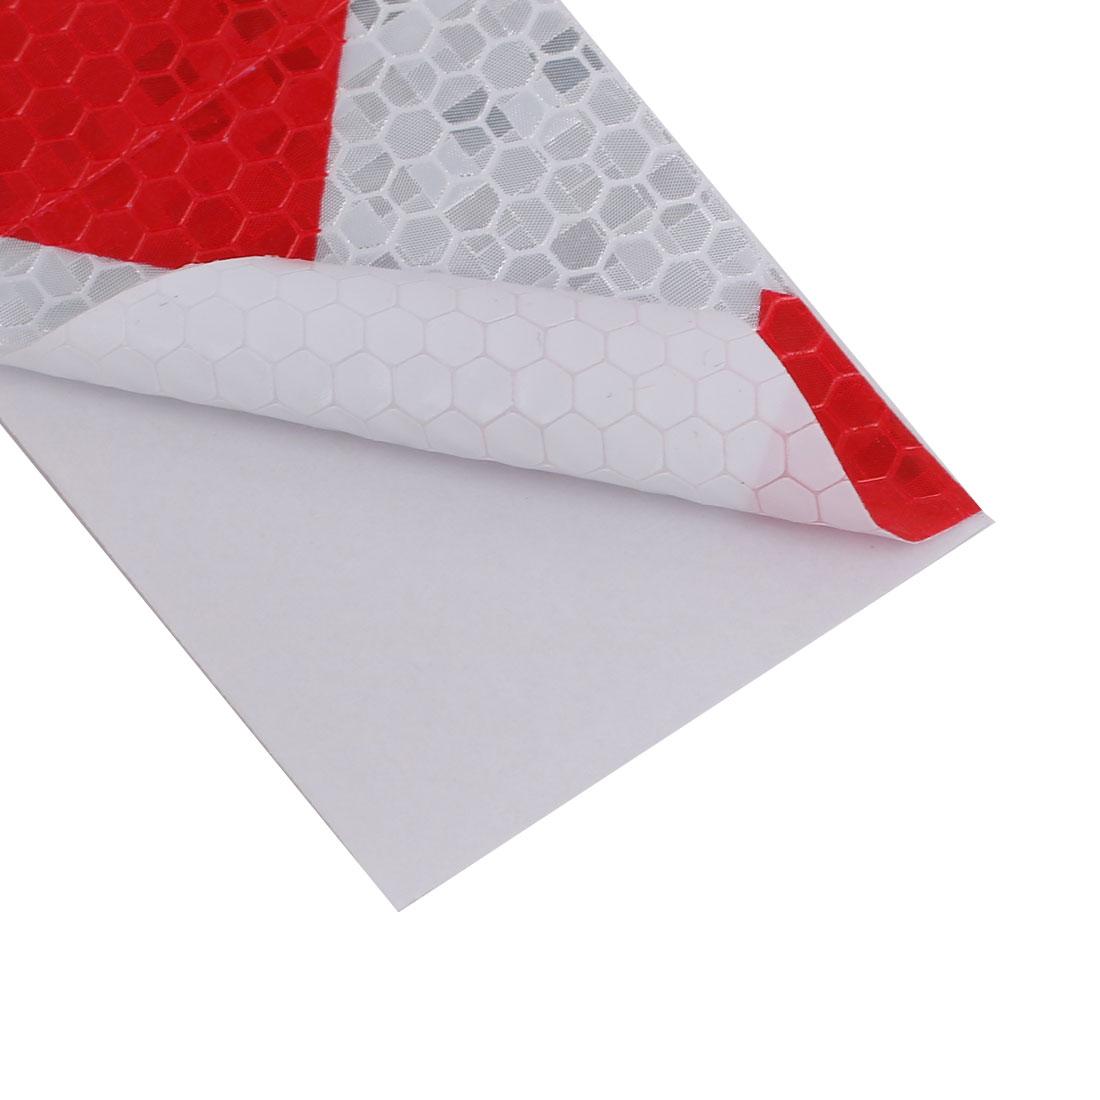 5cmx5m Honeycomb Sous-adhésif réfléchissant Avertissement Rouge Tilt Blanc - image 2 de 3